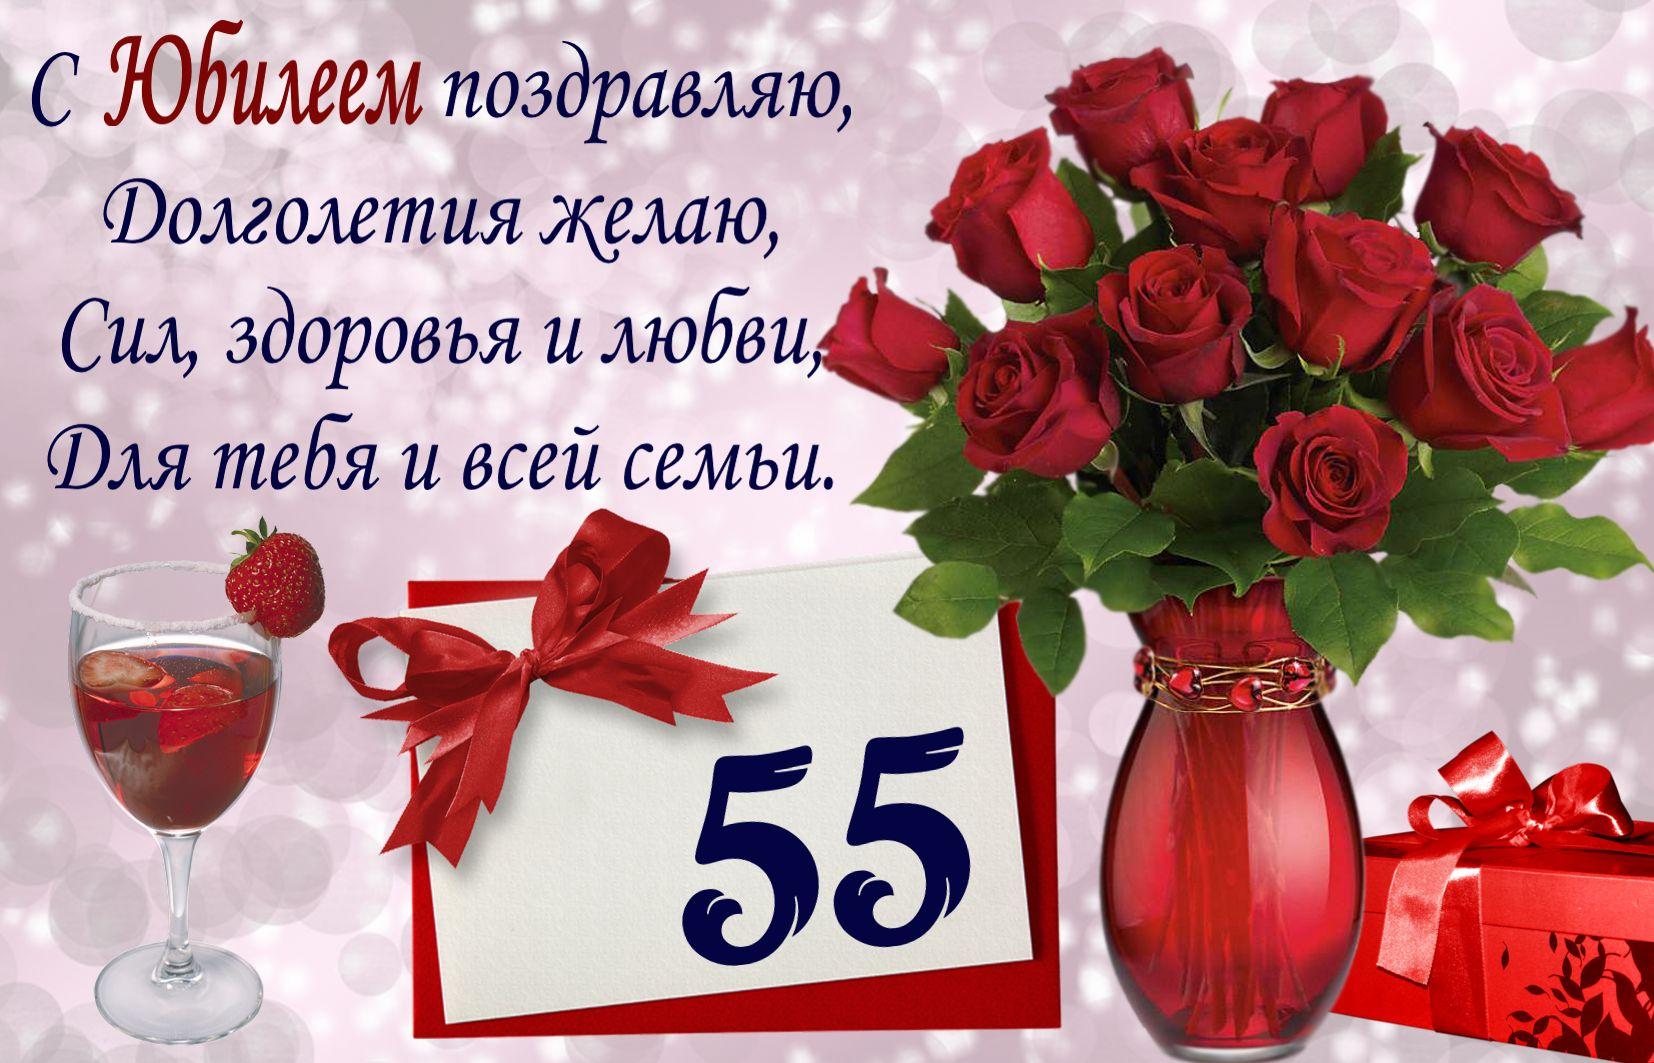 Открытка на 55 лет - розы в вазе и пожелание на юбилей